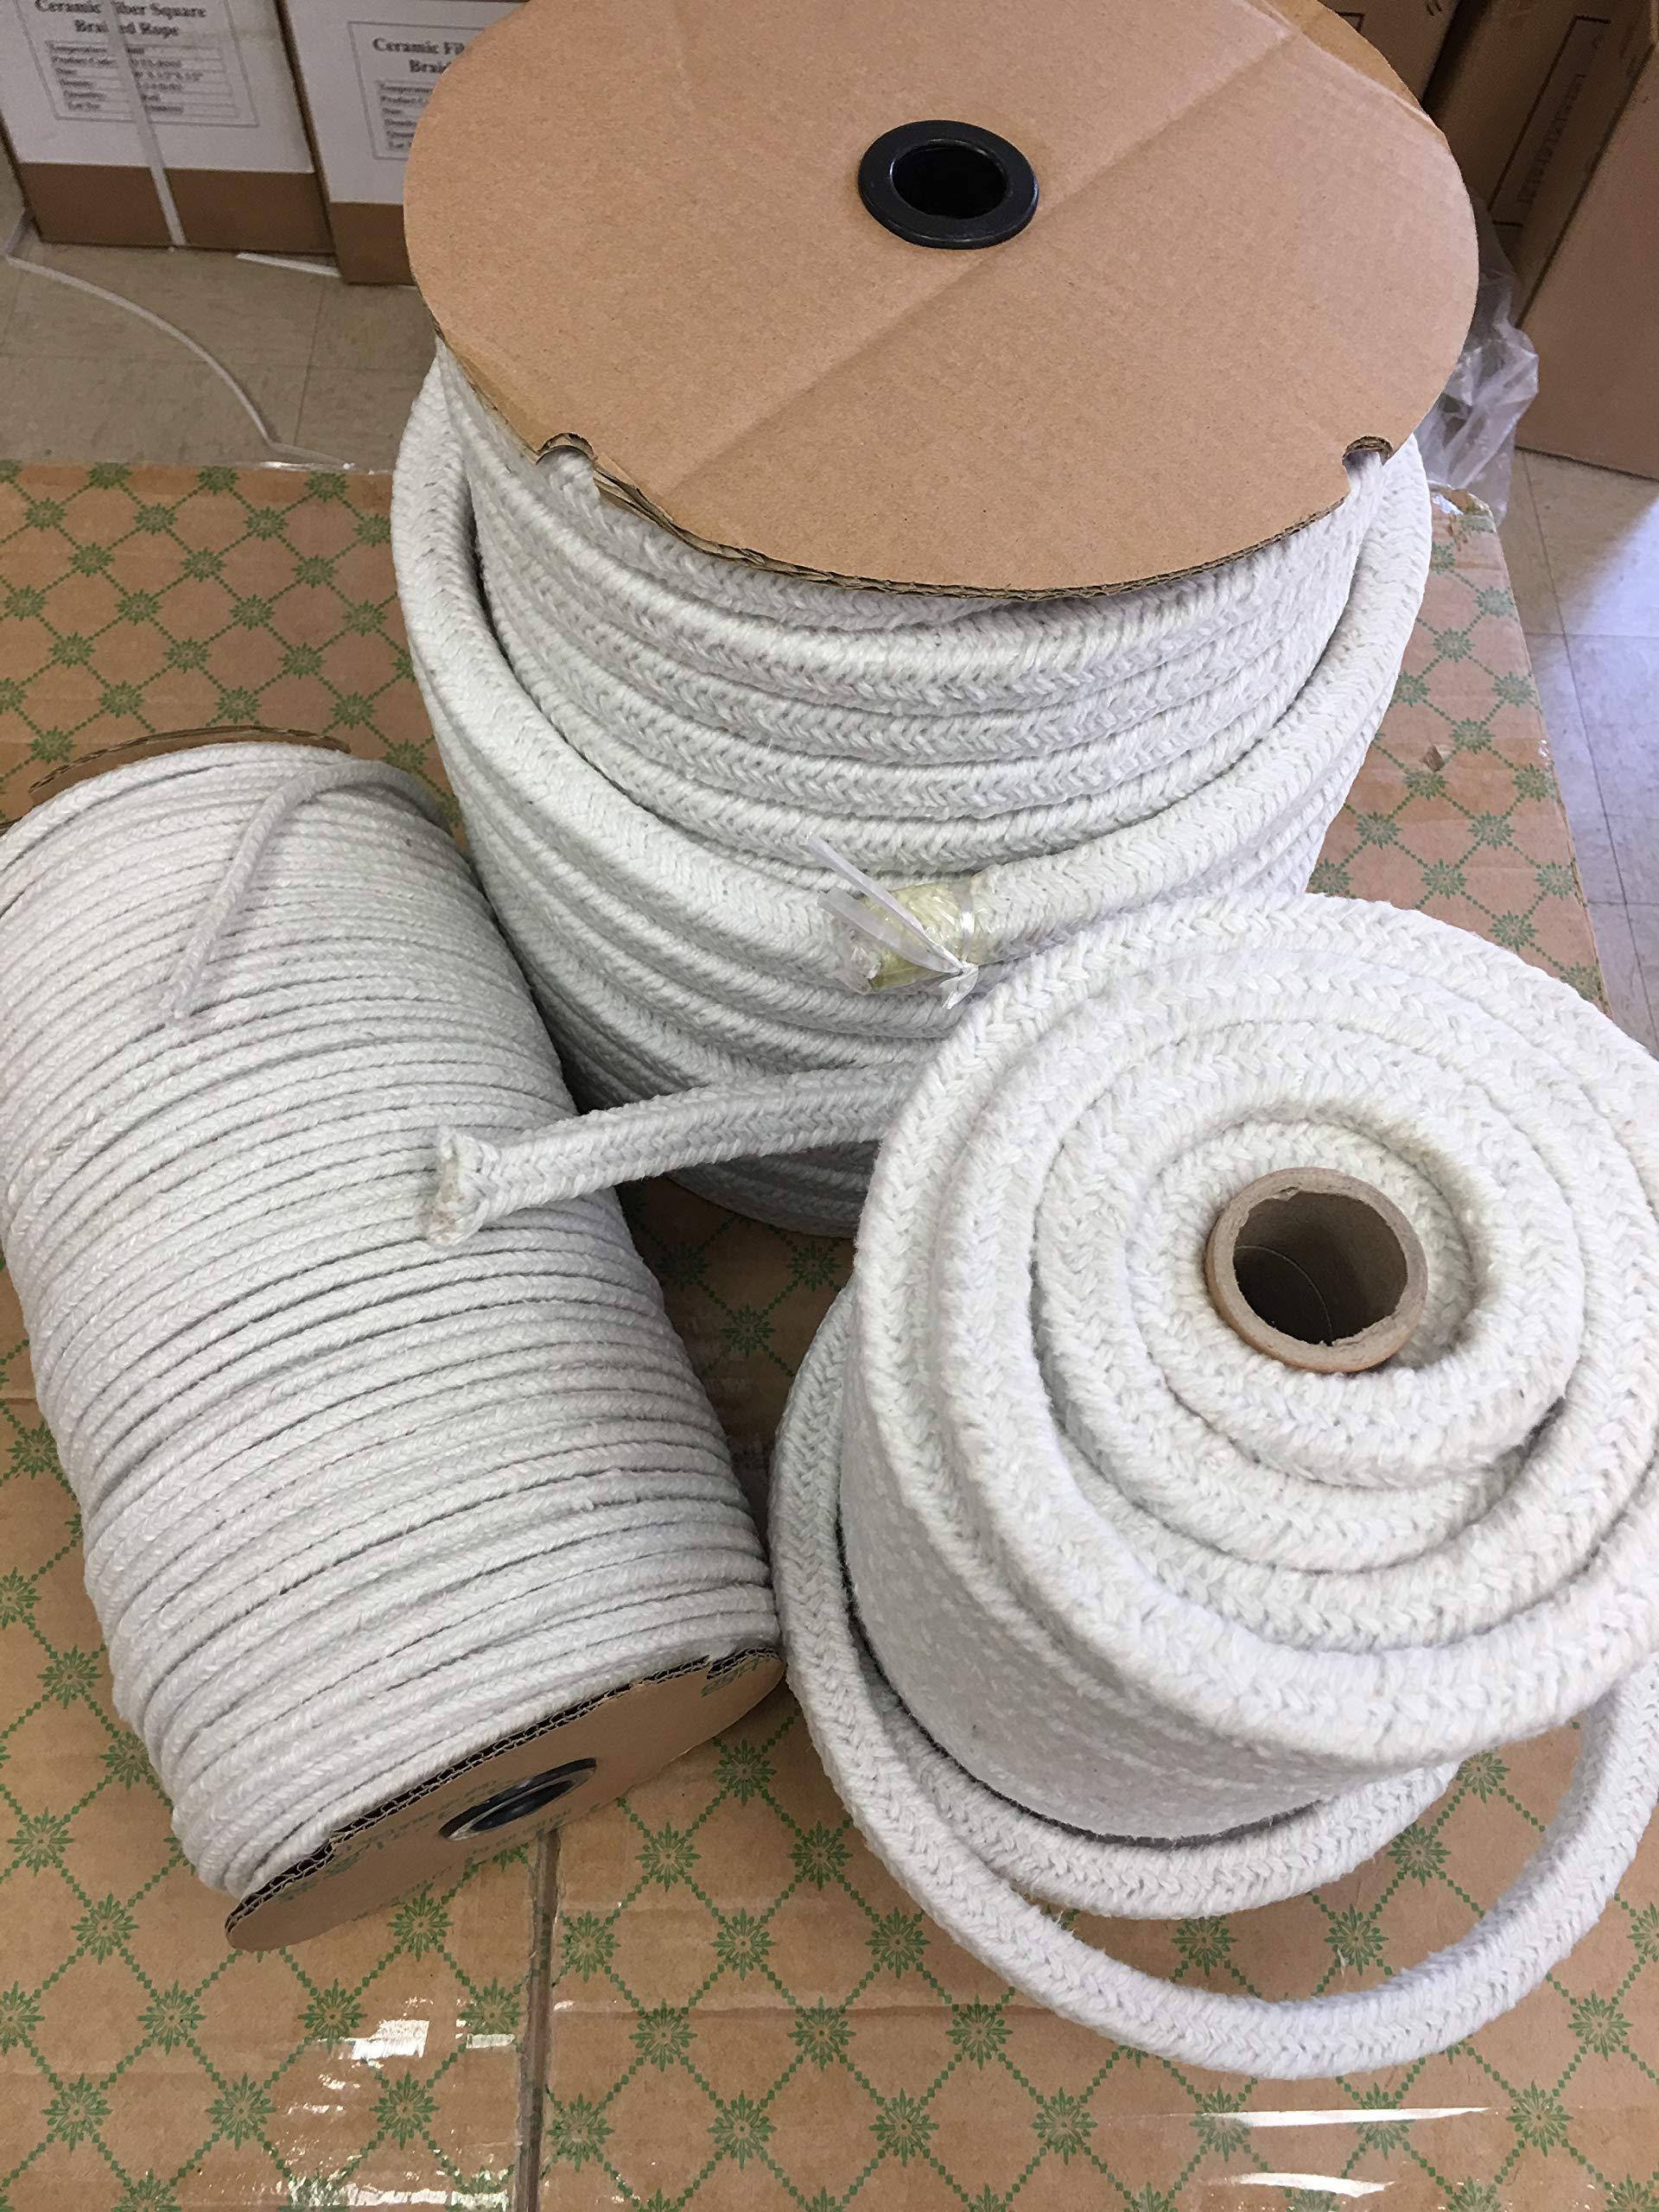 KT Refractories Ceramic Fiber Round Braided Rope 150ftX3/4''Diameter by KT Refractories